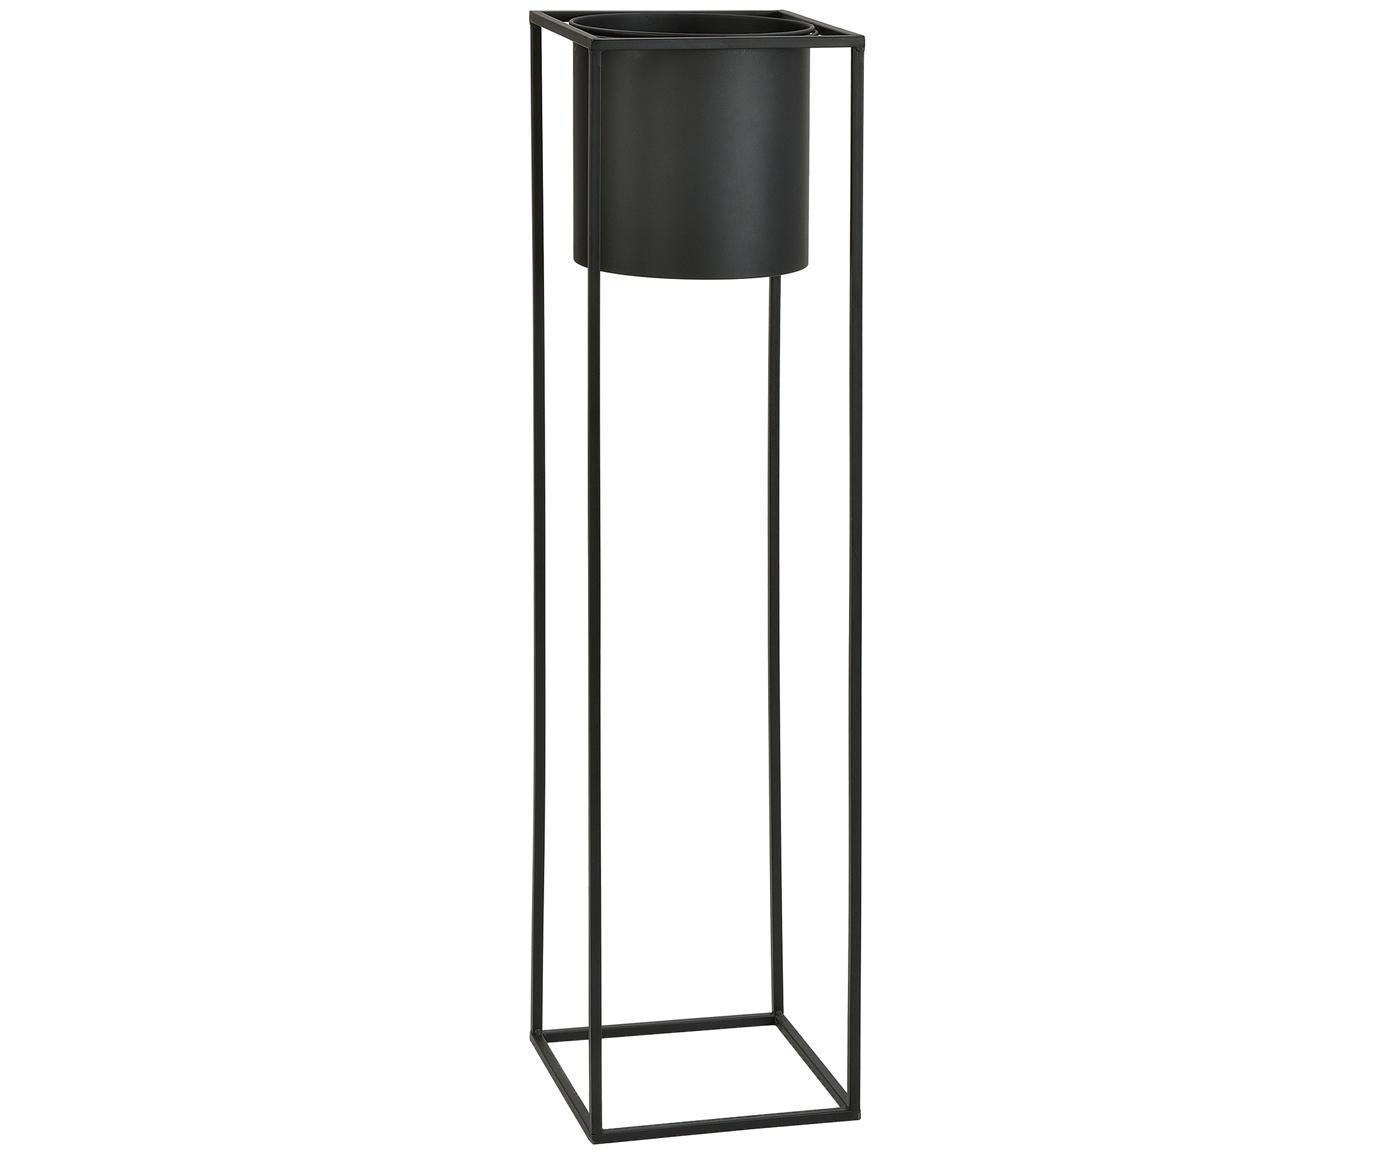 Portavaso Bragi, Metallo verniciato, Nero, Larg. 26 x Alt. 100 cm